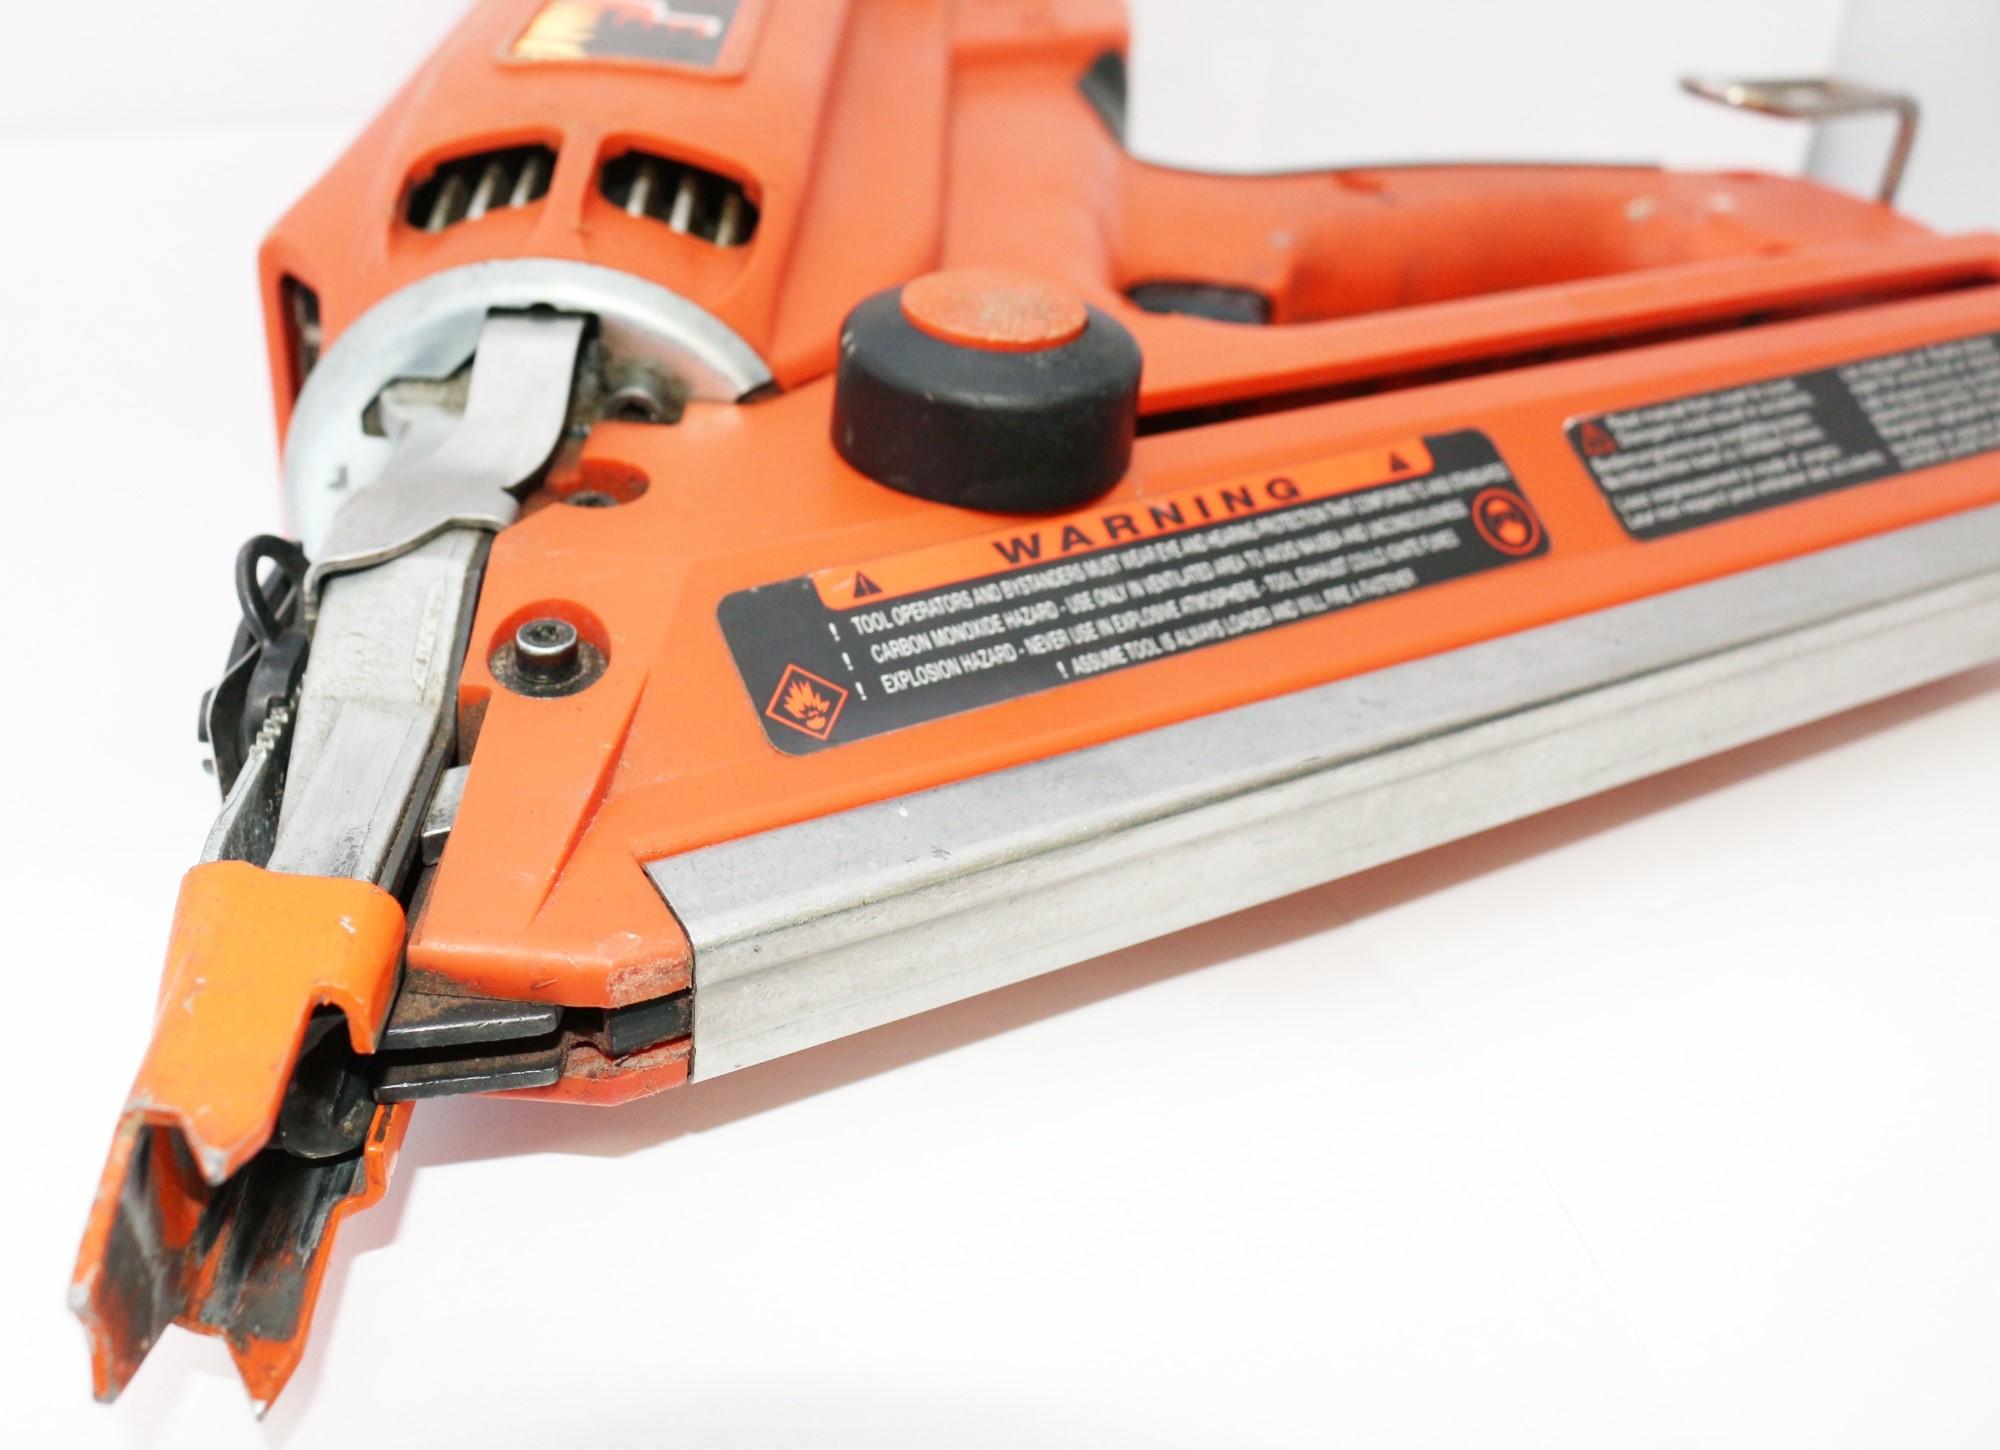 Paslode Impulse 30 Framing Nailer Orange